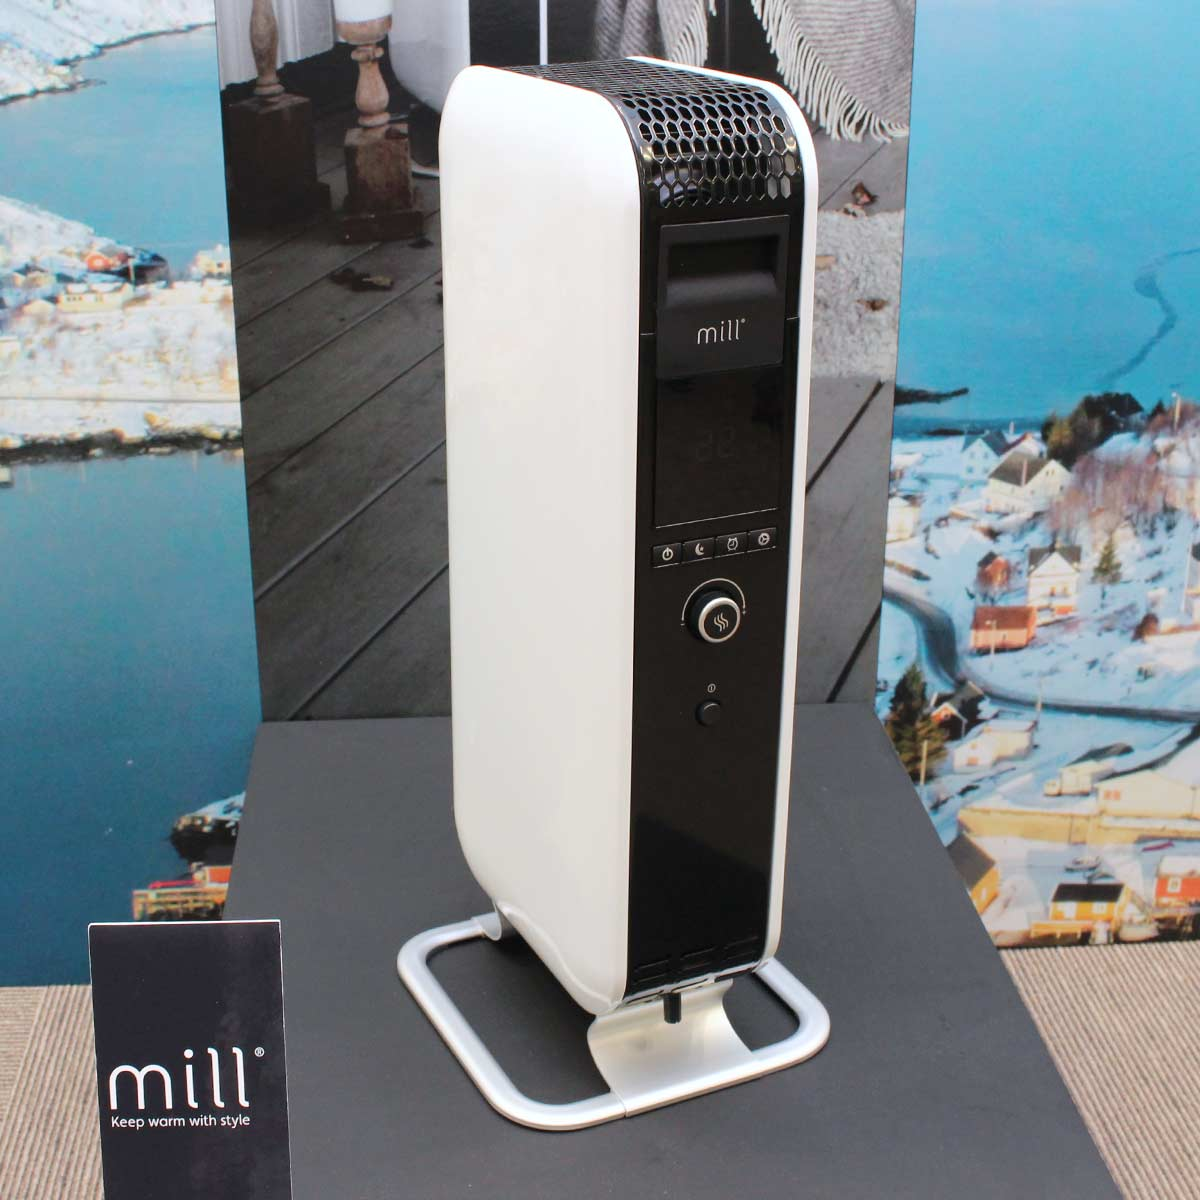 極寒の地・ノルウェー発の「millヒーター」を山善が販売開始! 日本オリジナル機能も